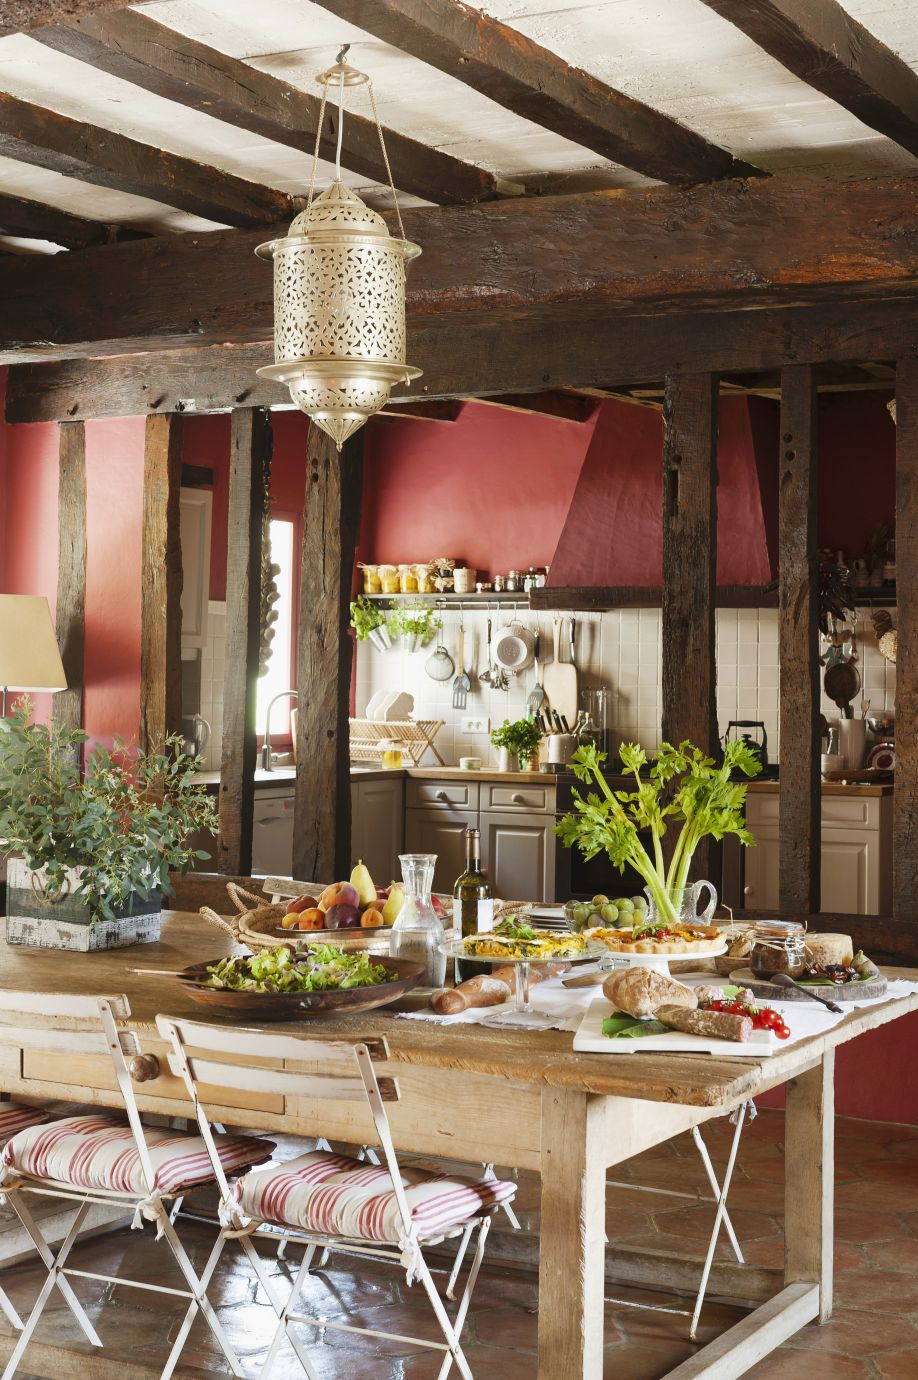 meubels landelijke stijl houten keukenmeubels